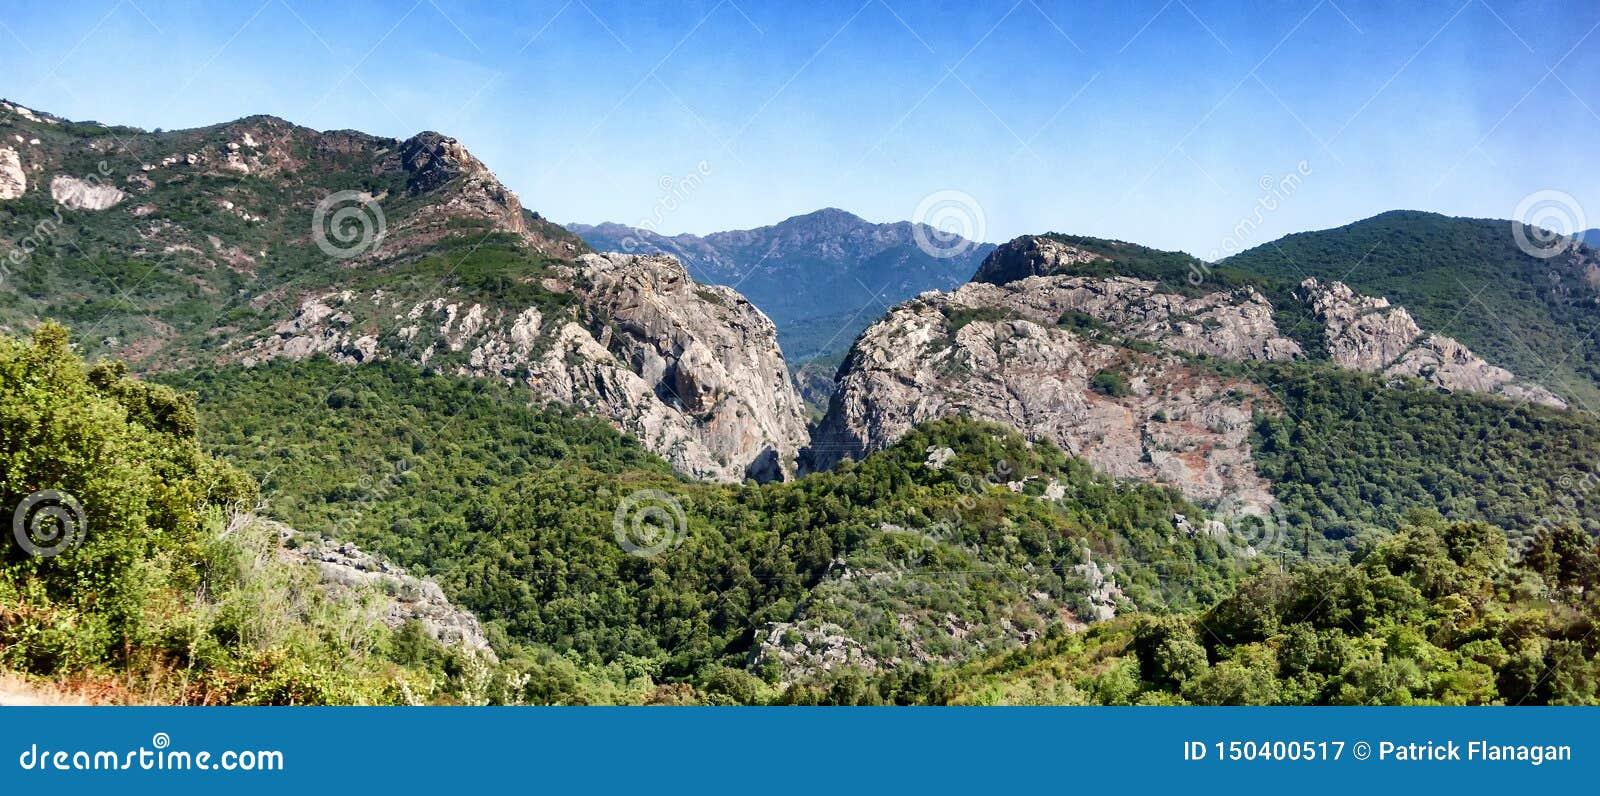 Una opinión del paisaje de montañas en Cerdeña